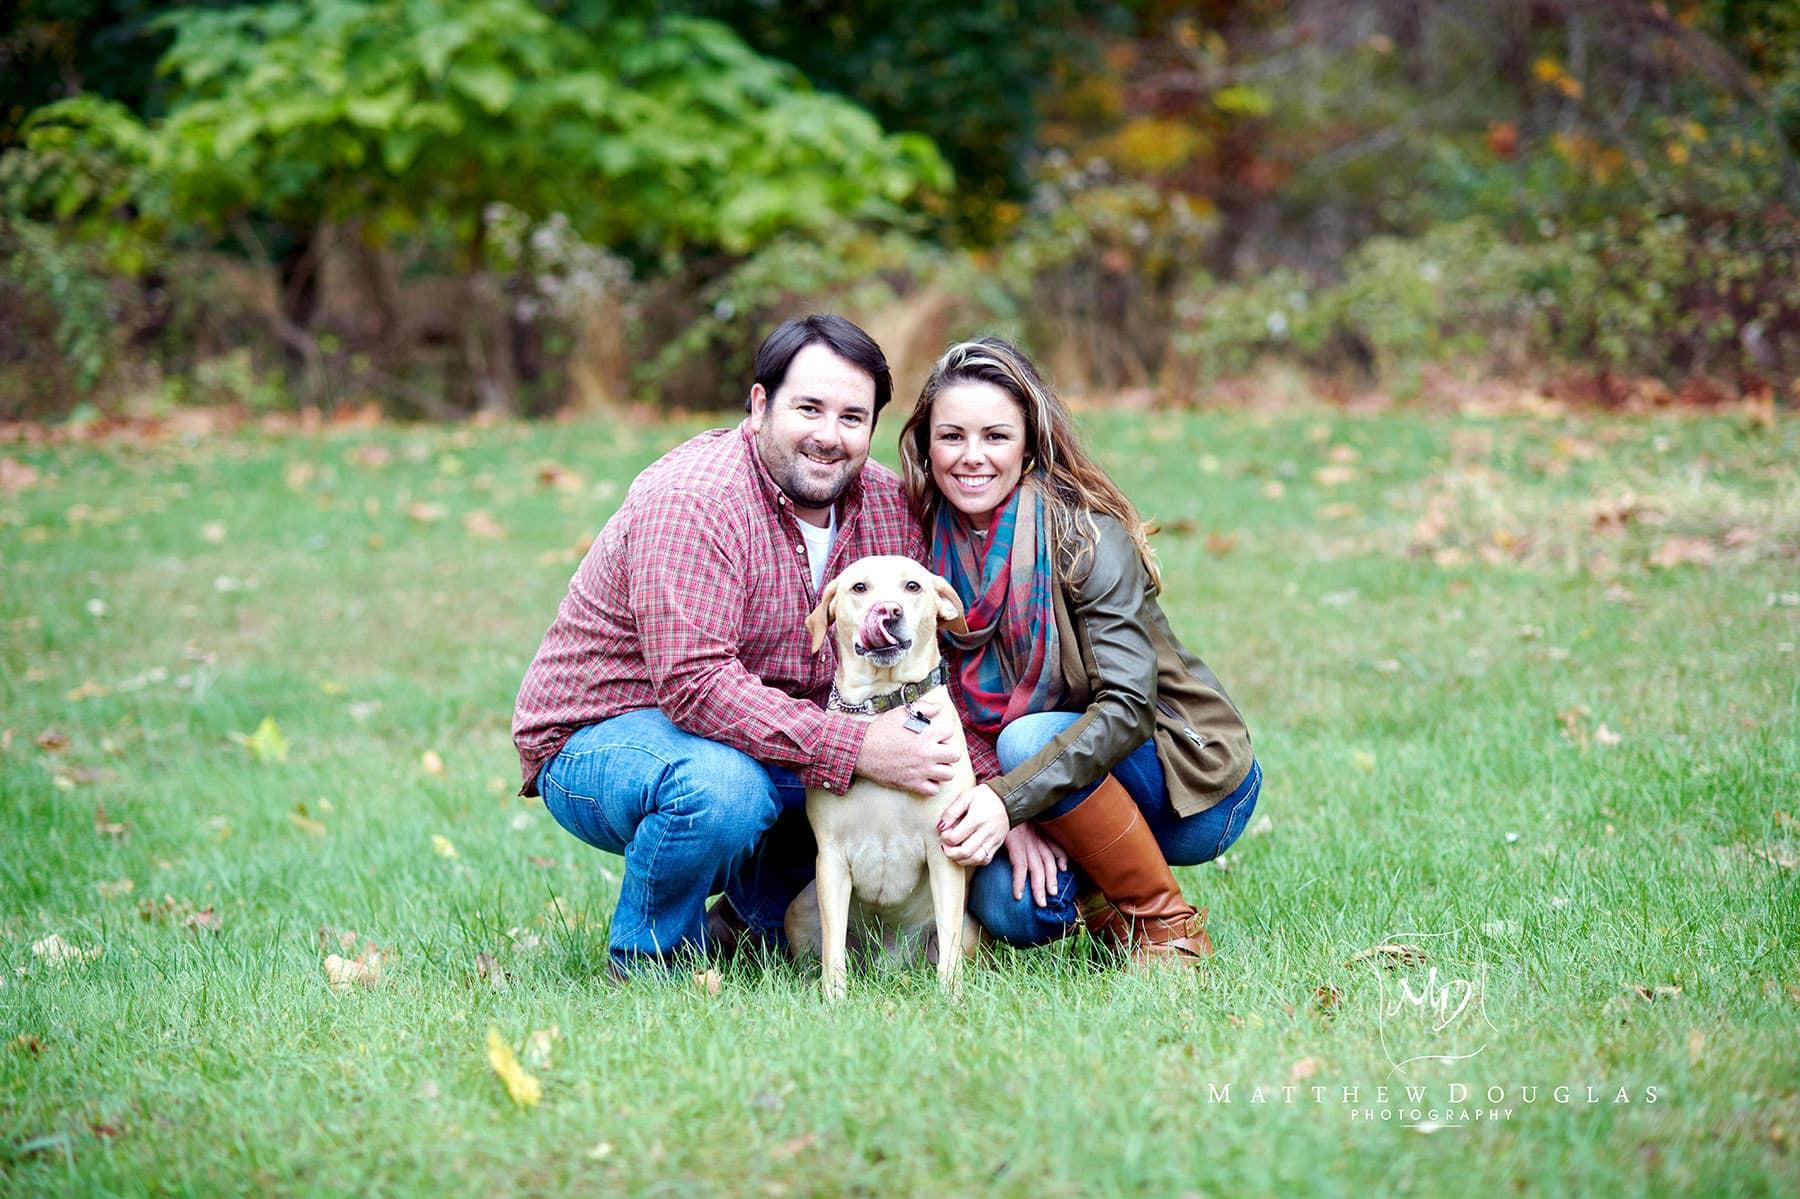 hunterdon county nj engagement photo with dog